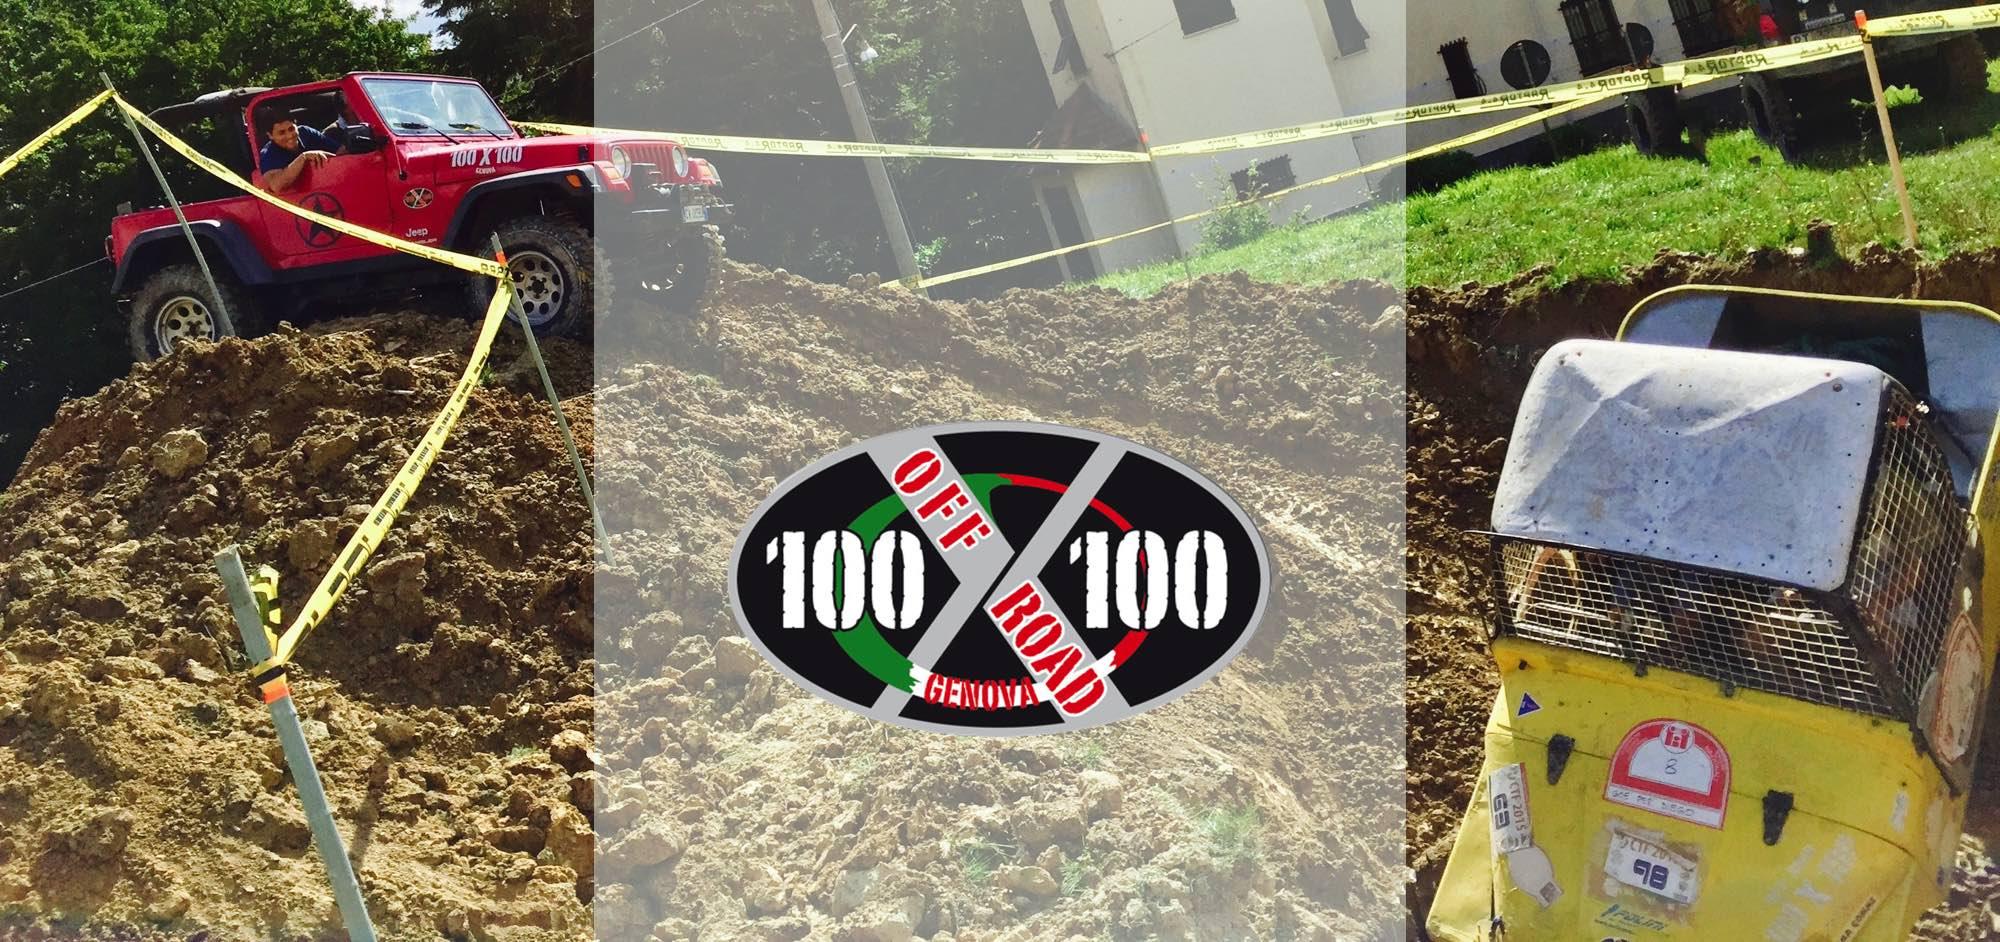 Benvenuti sul sito del 100x100 Offroad Genova